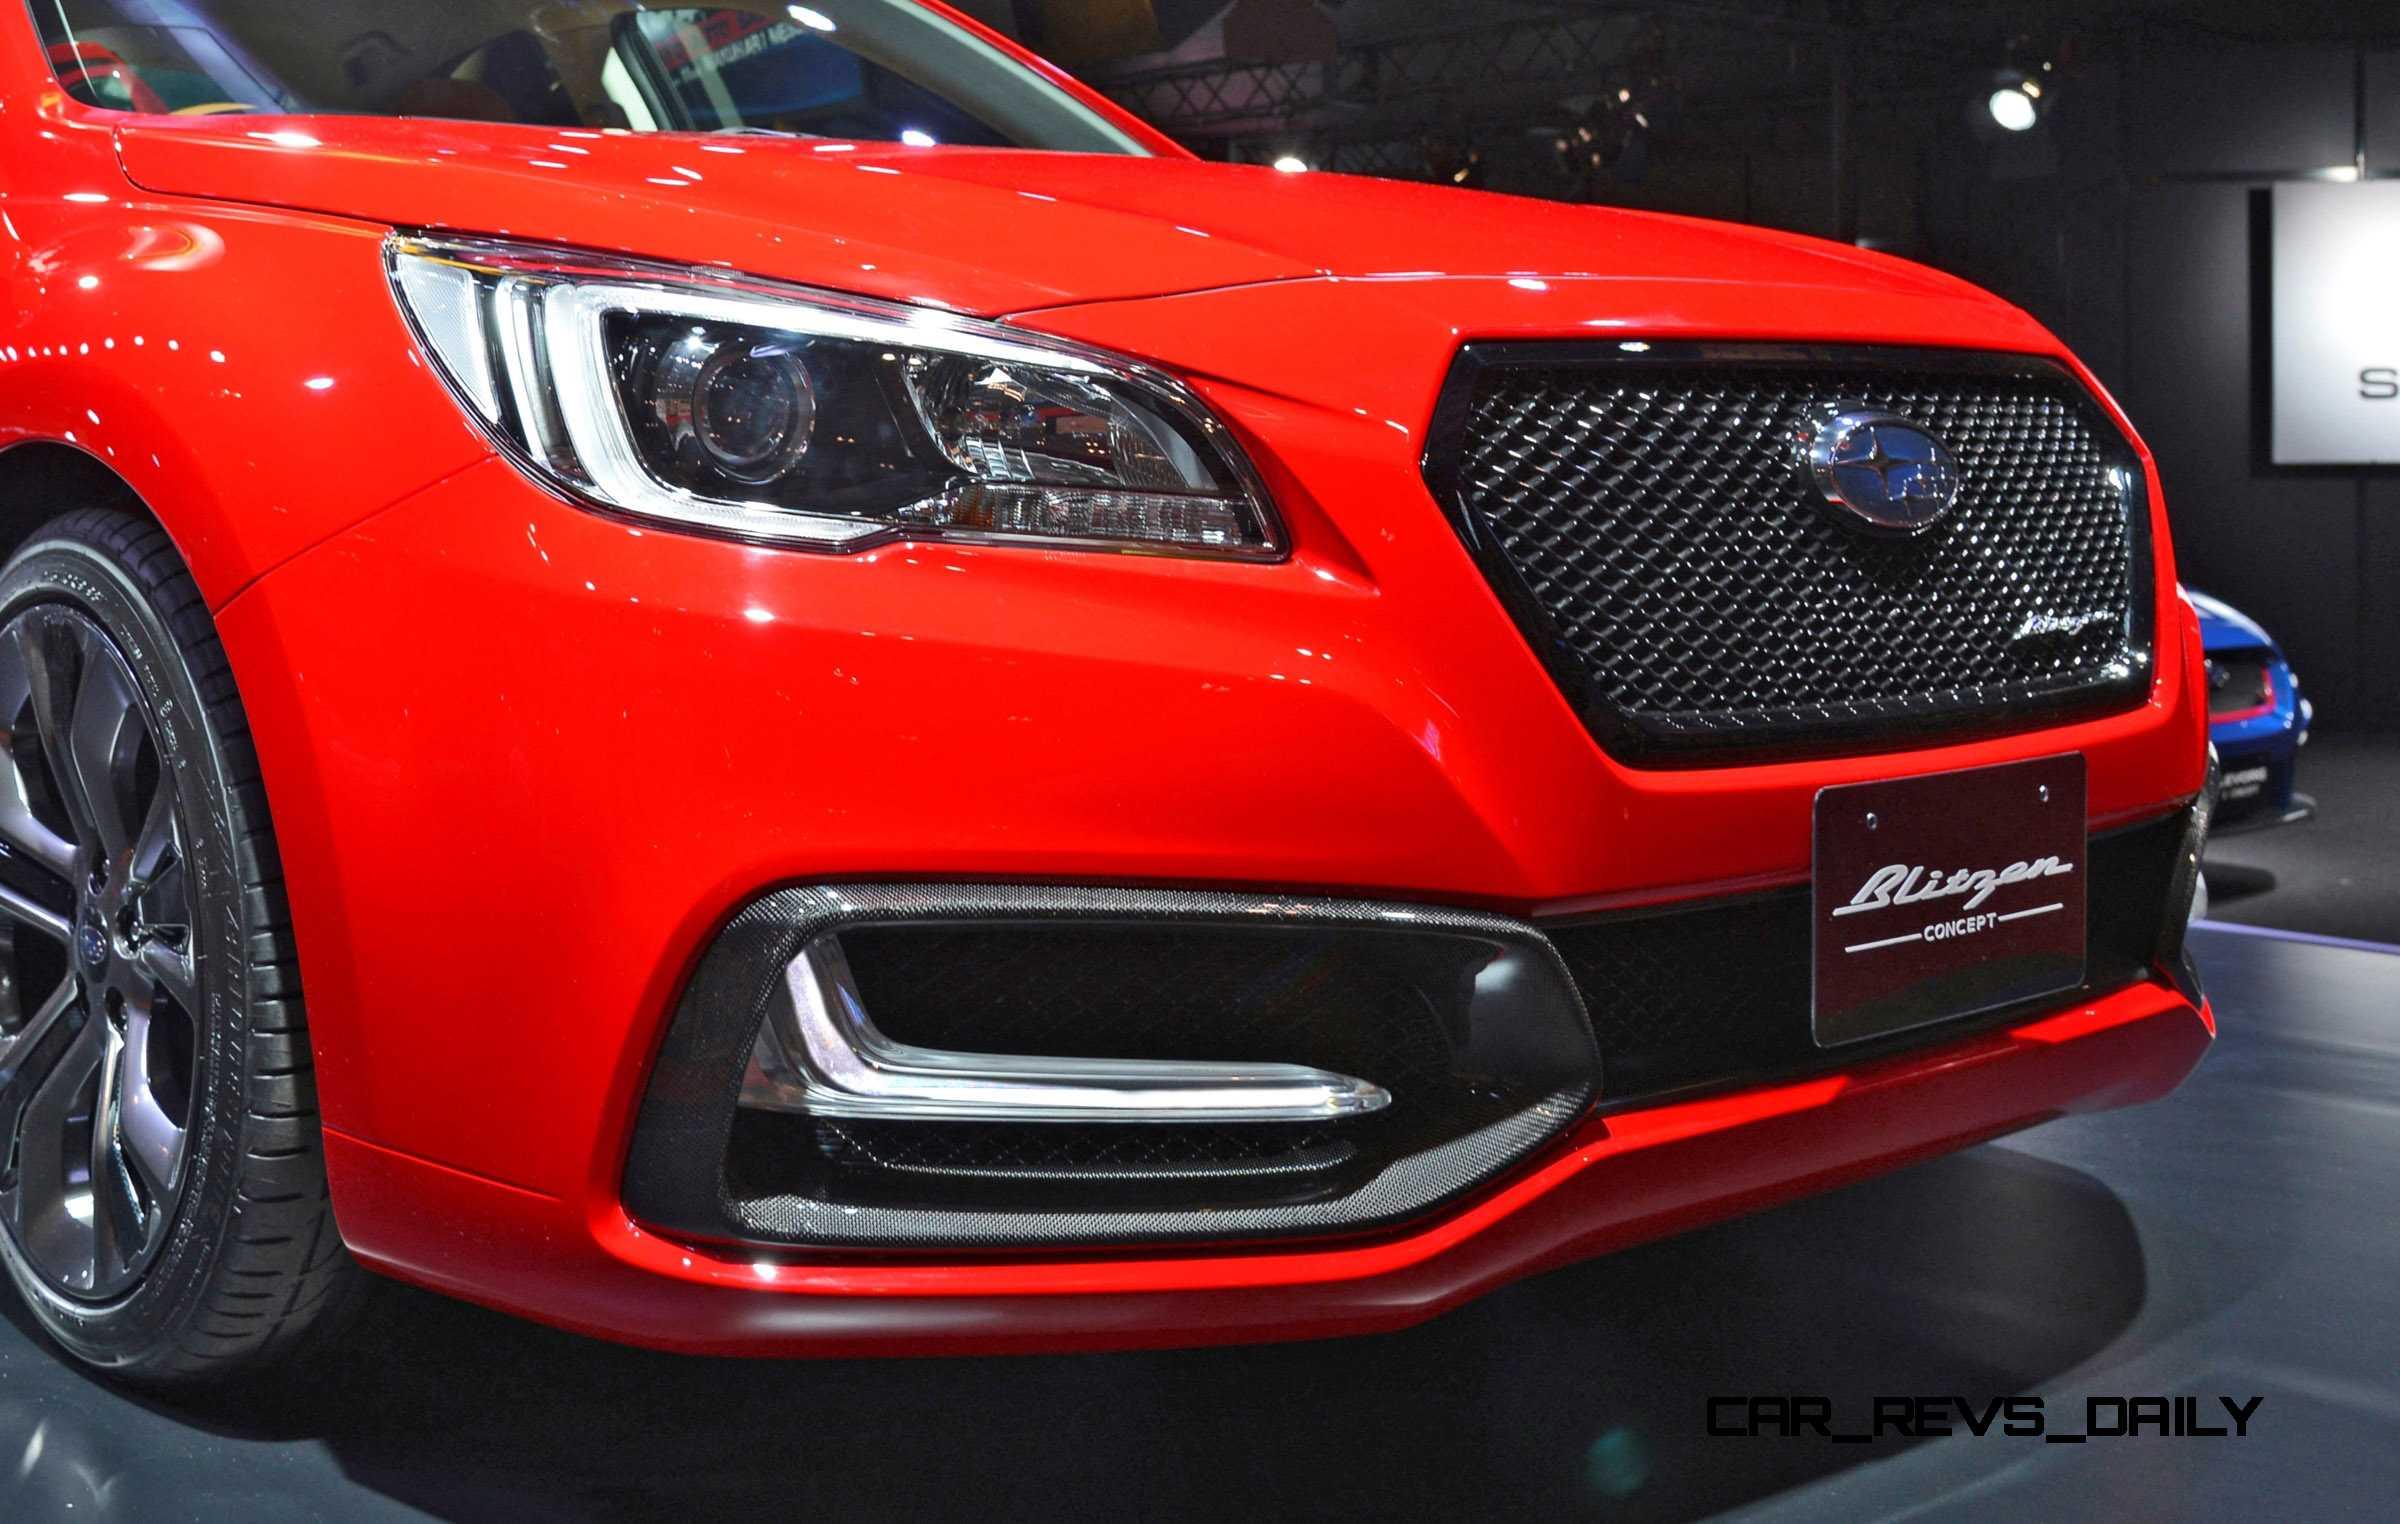 2015 Subaru Legacy B4 Blitzen